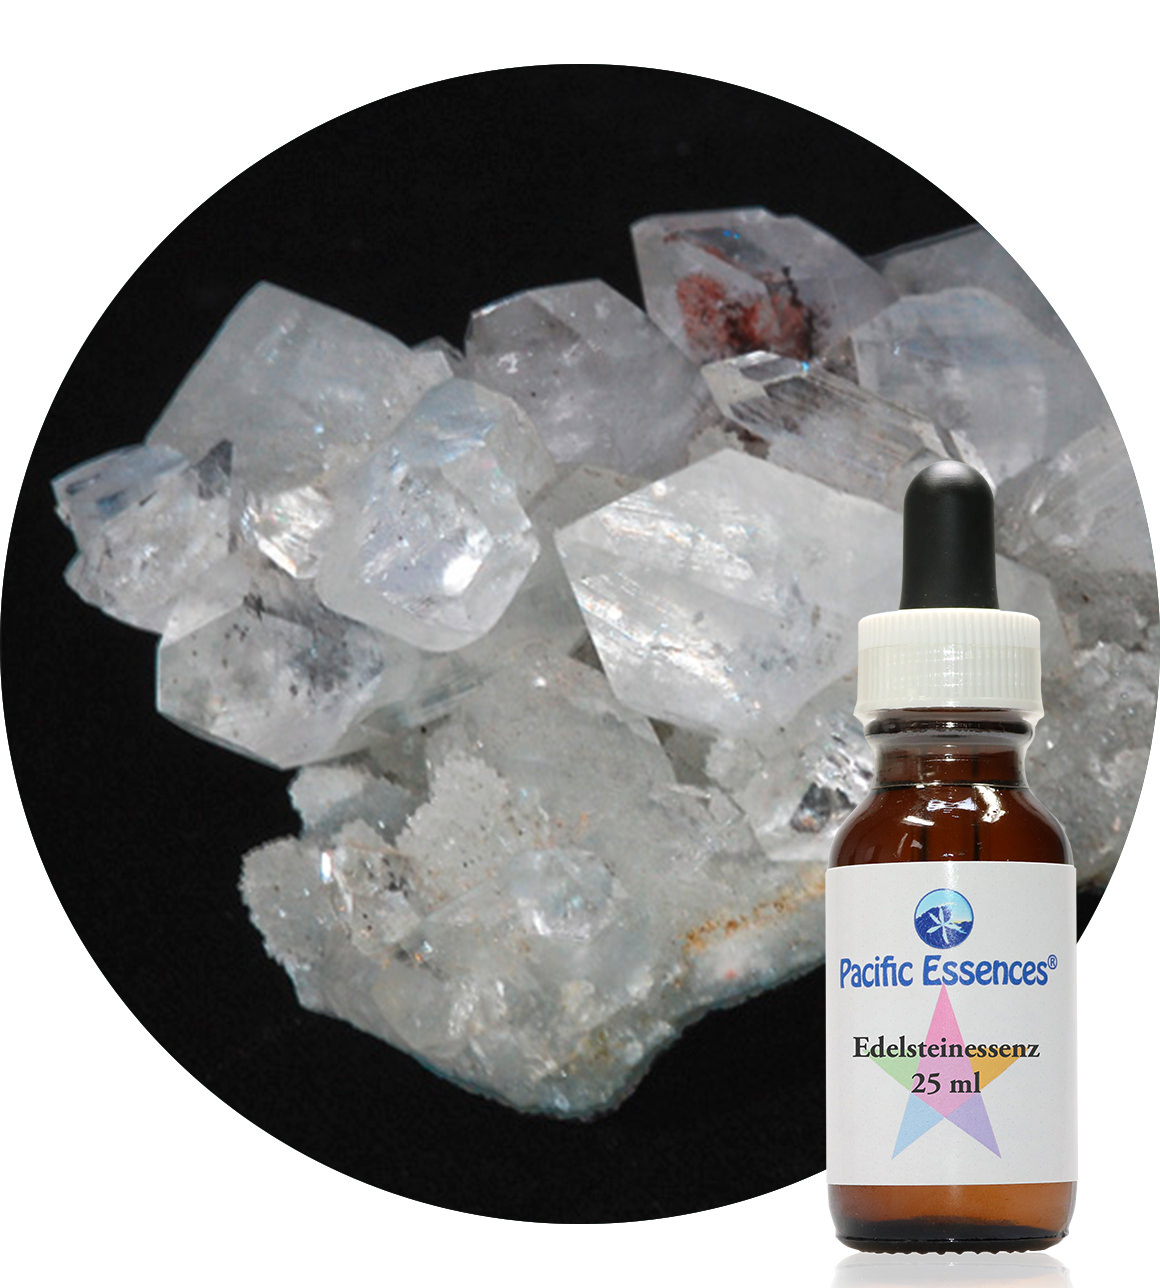 Apophylite (Pacific Essences)